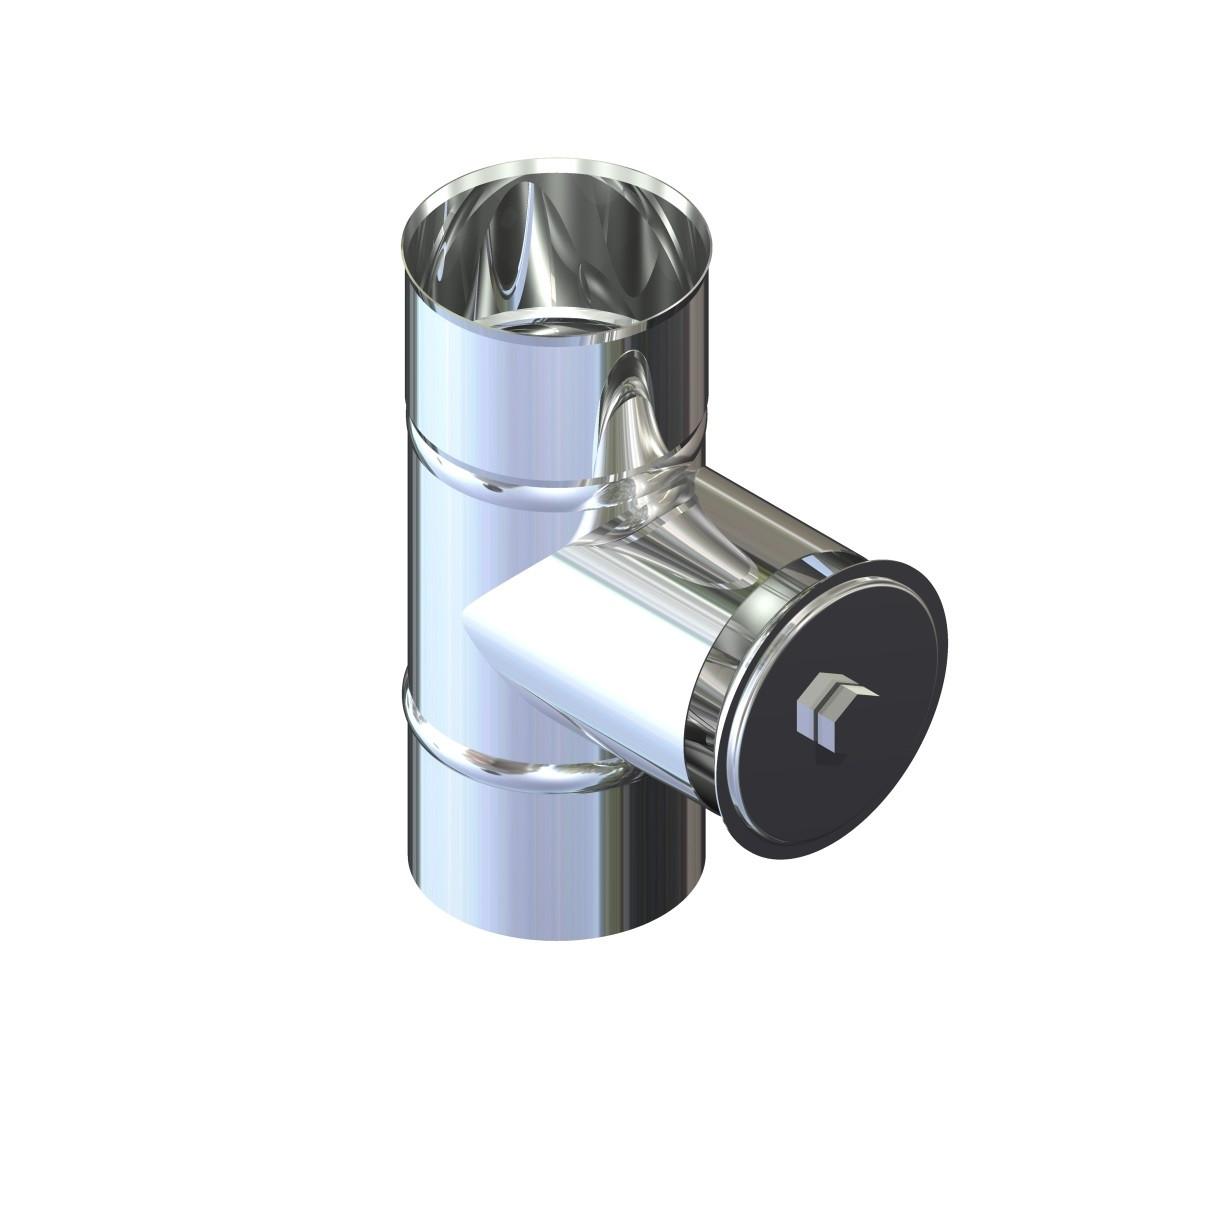 Ревизия дымоходная нержавейка D-230 мм толщина 0,8 мм